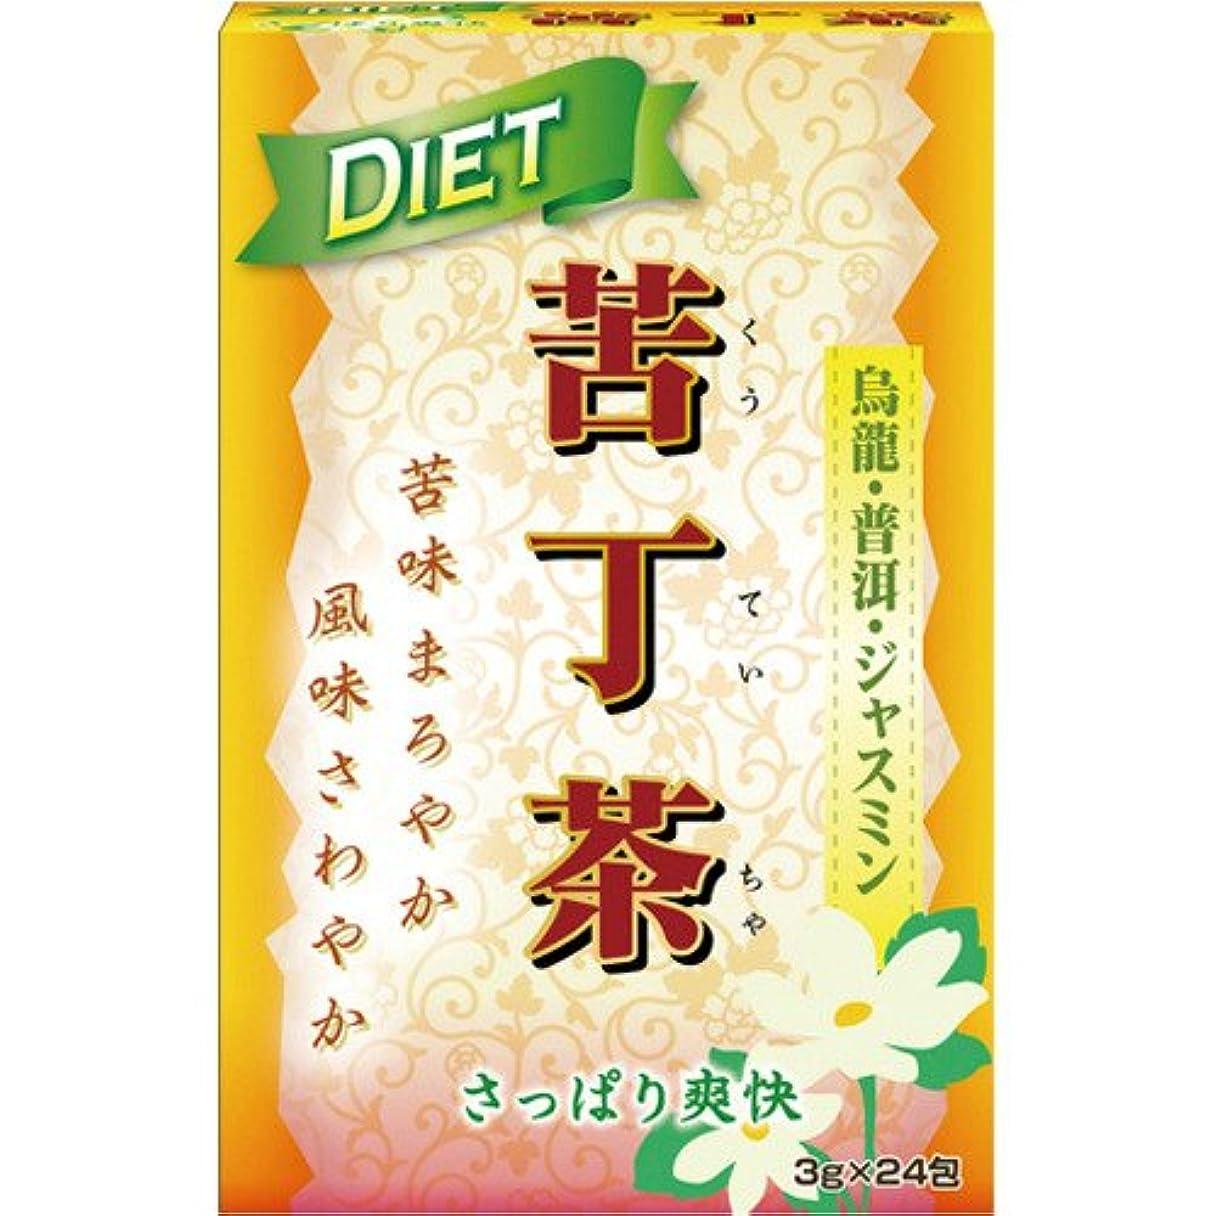 目指すミント費用ダイエット苦丁茶 3g×24包